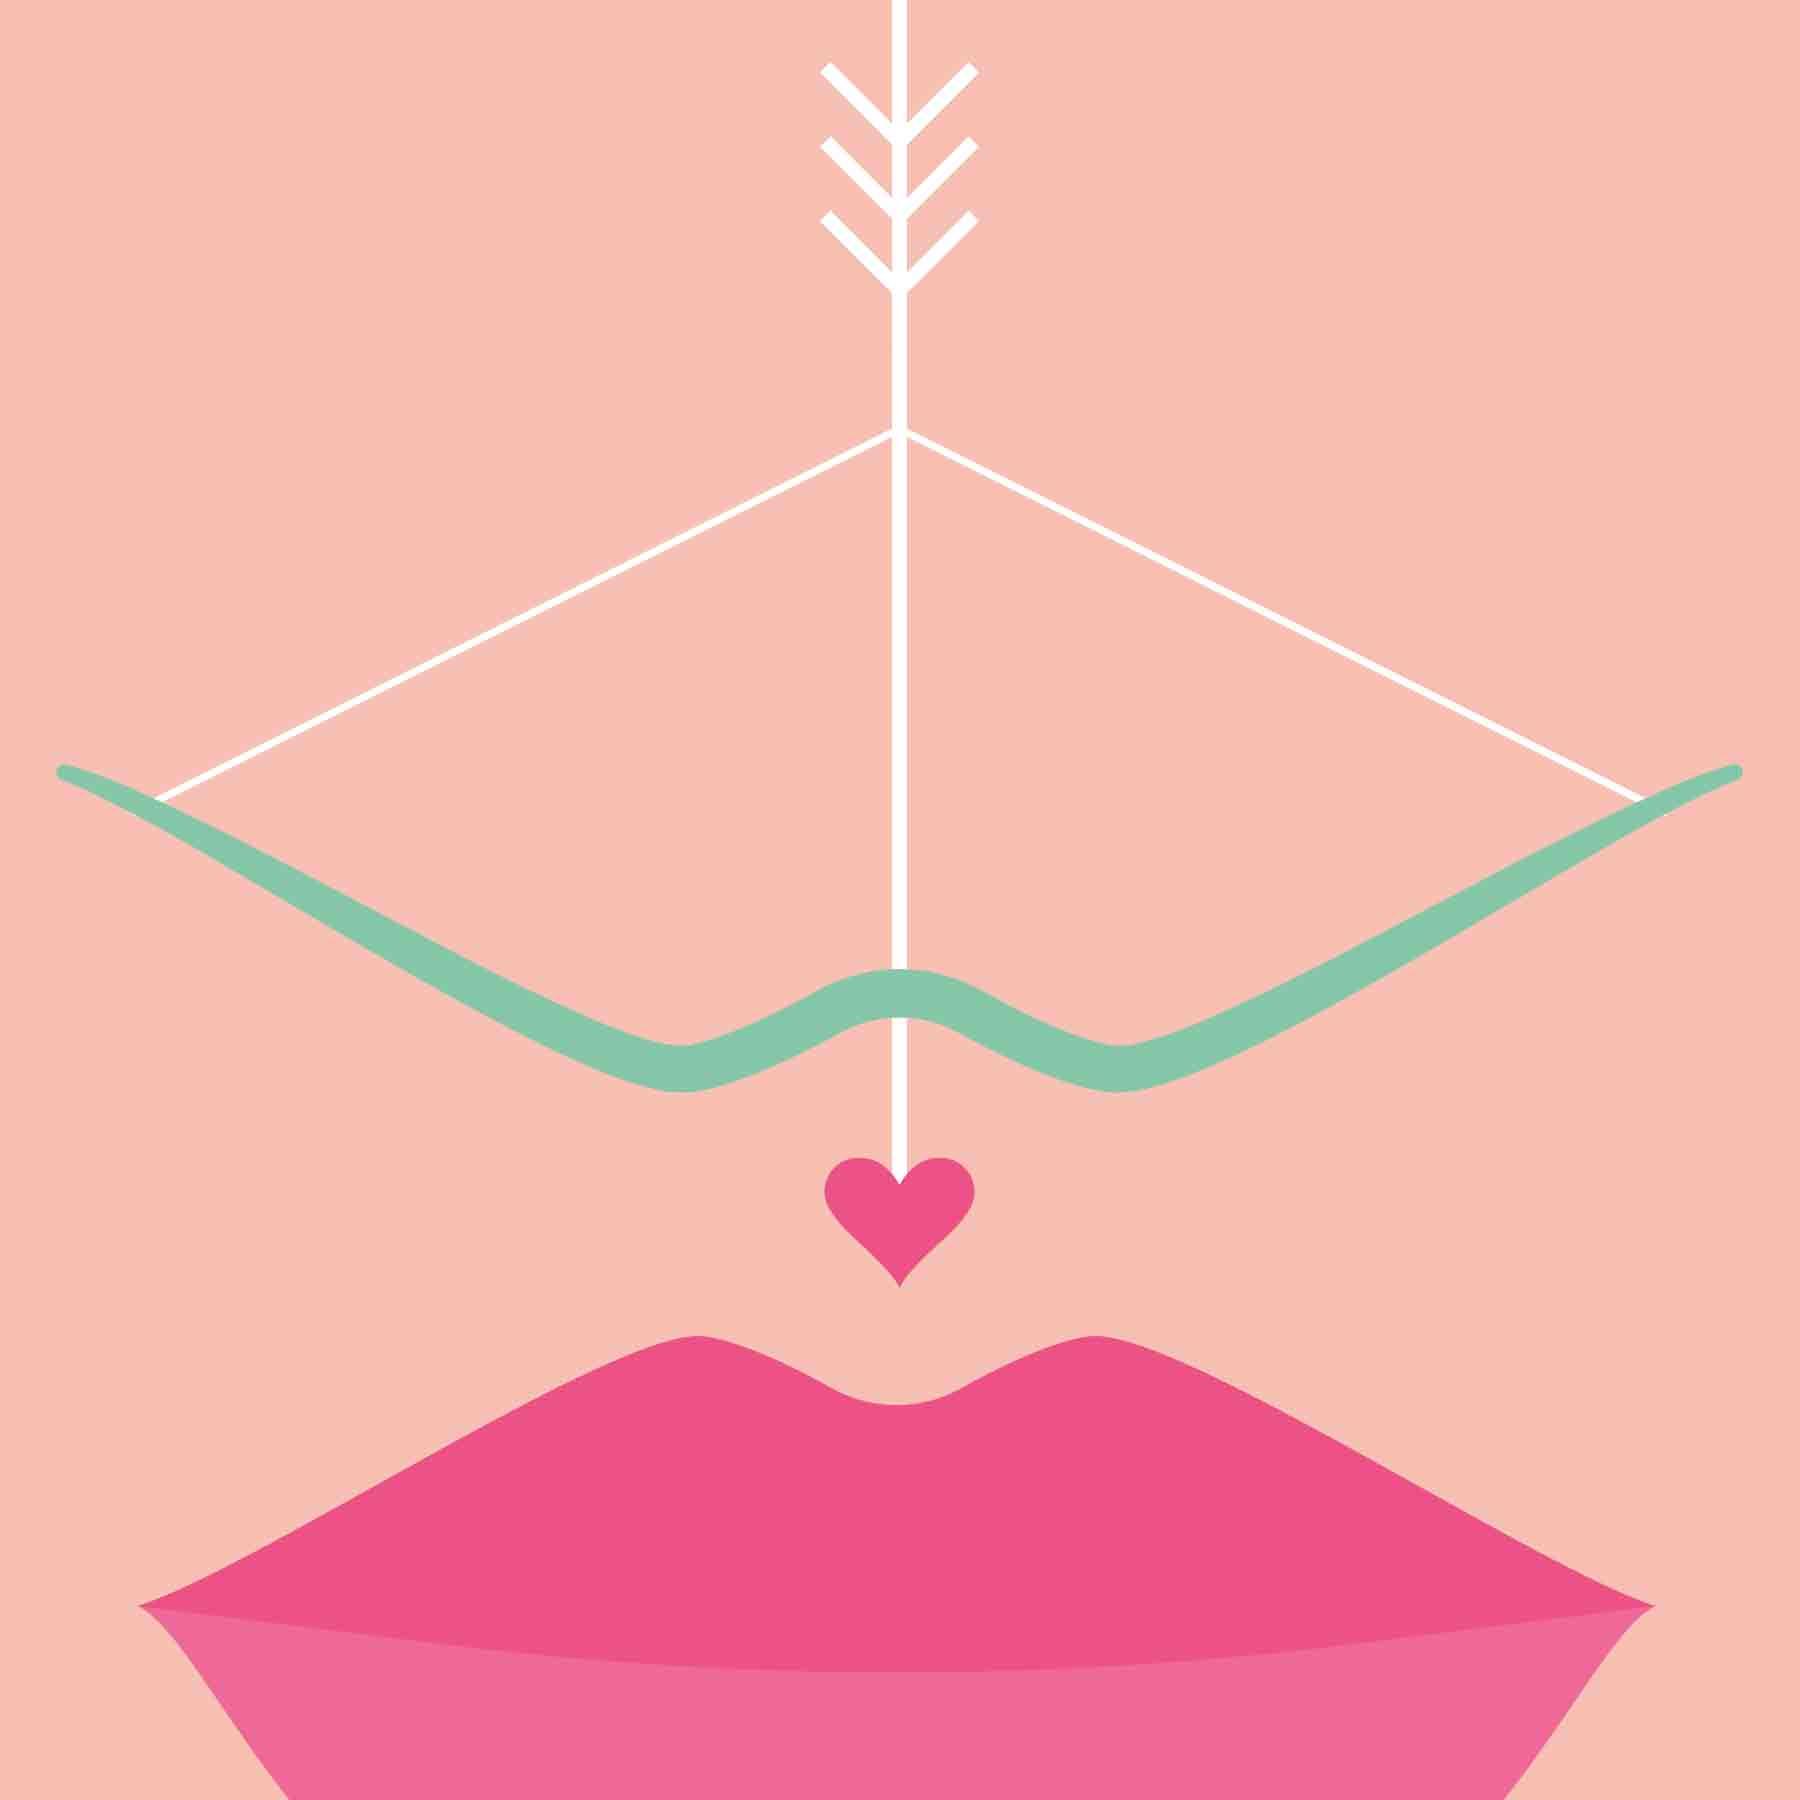 Cupid's-bow.jpg